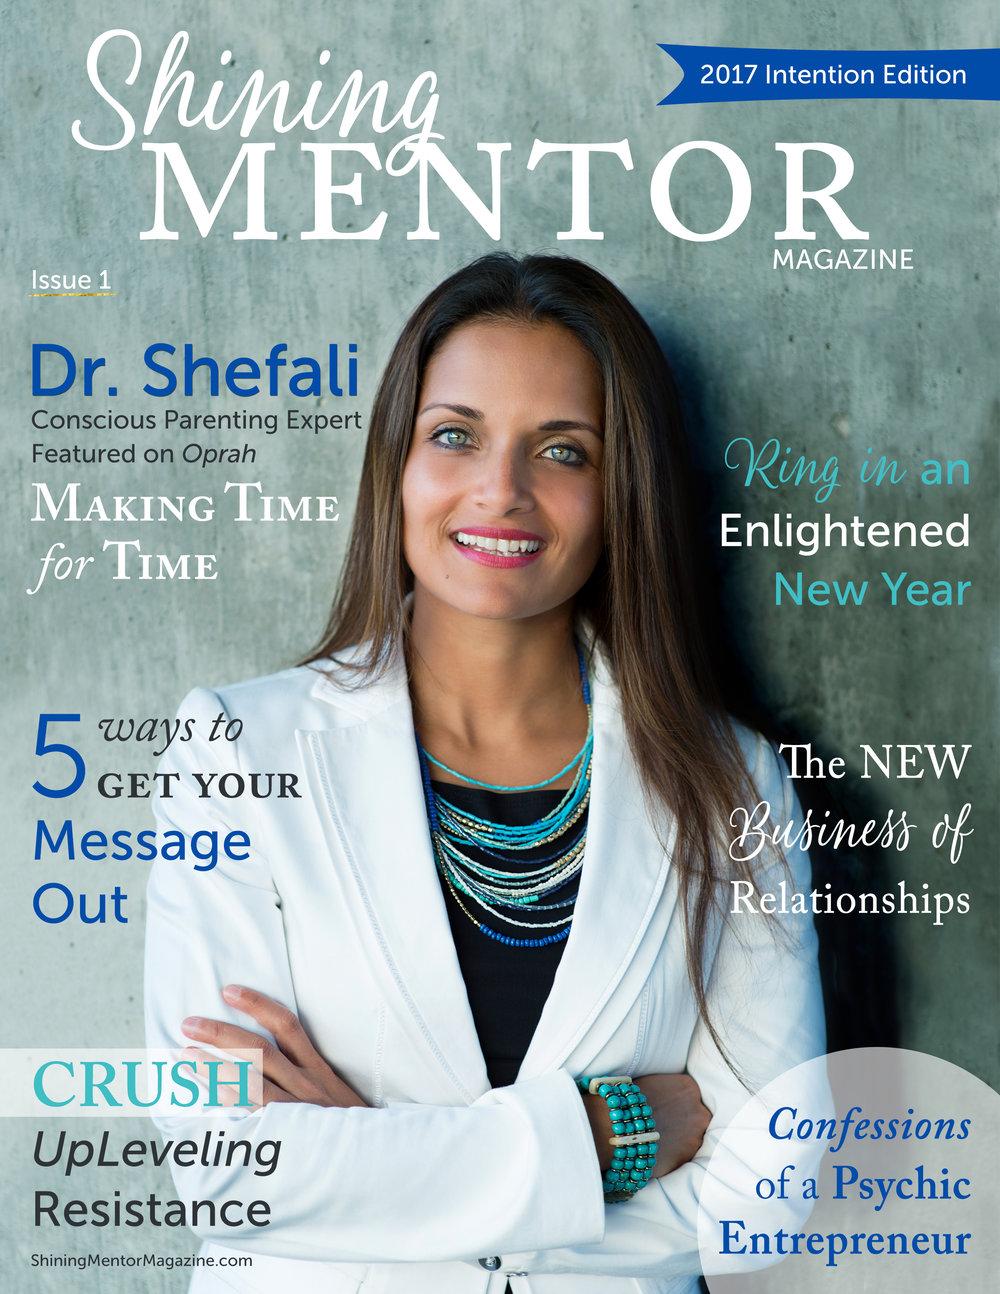 ShiningMentor_Issue1_V2_Cover_Dr.Shefali.jpg